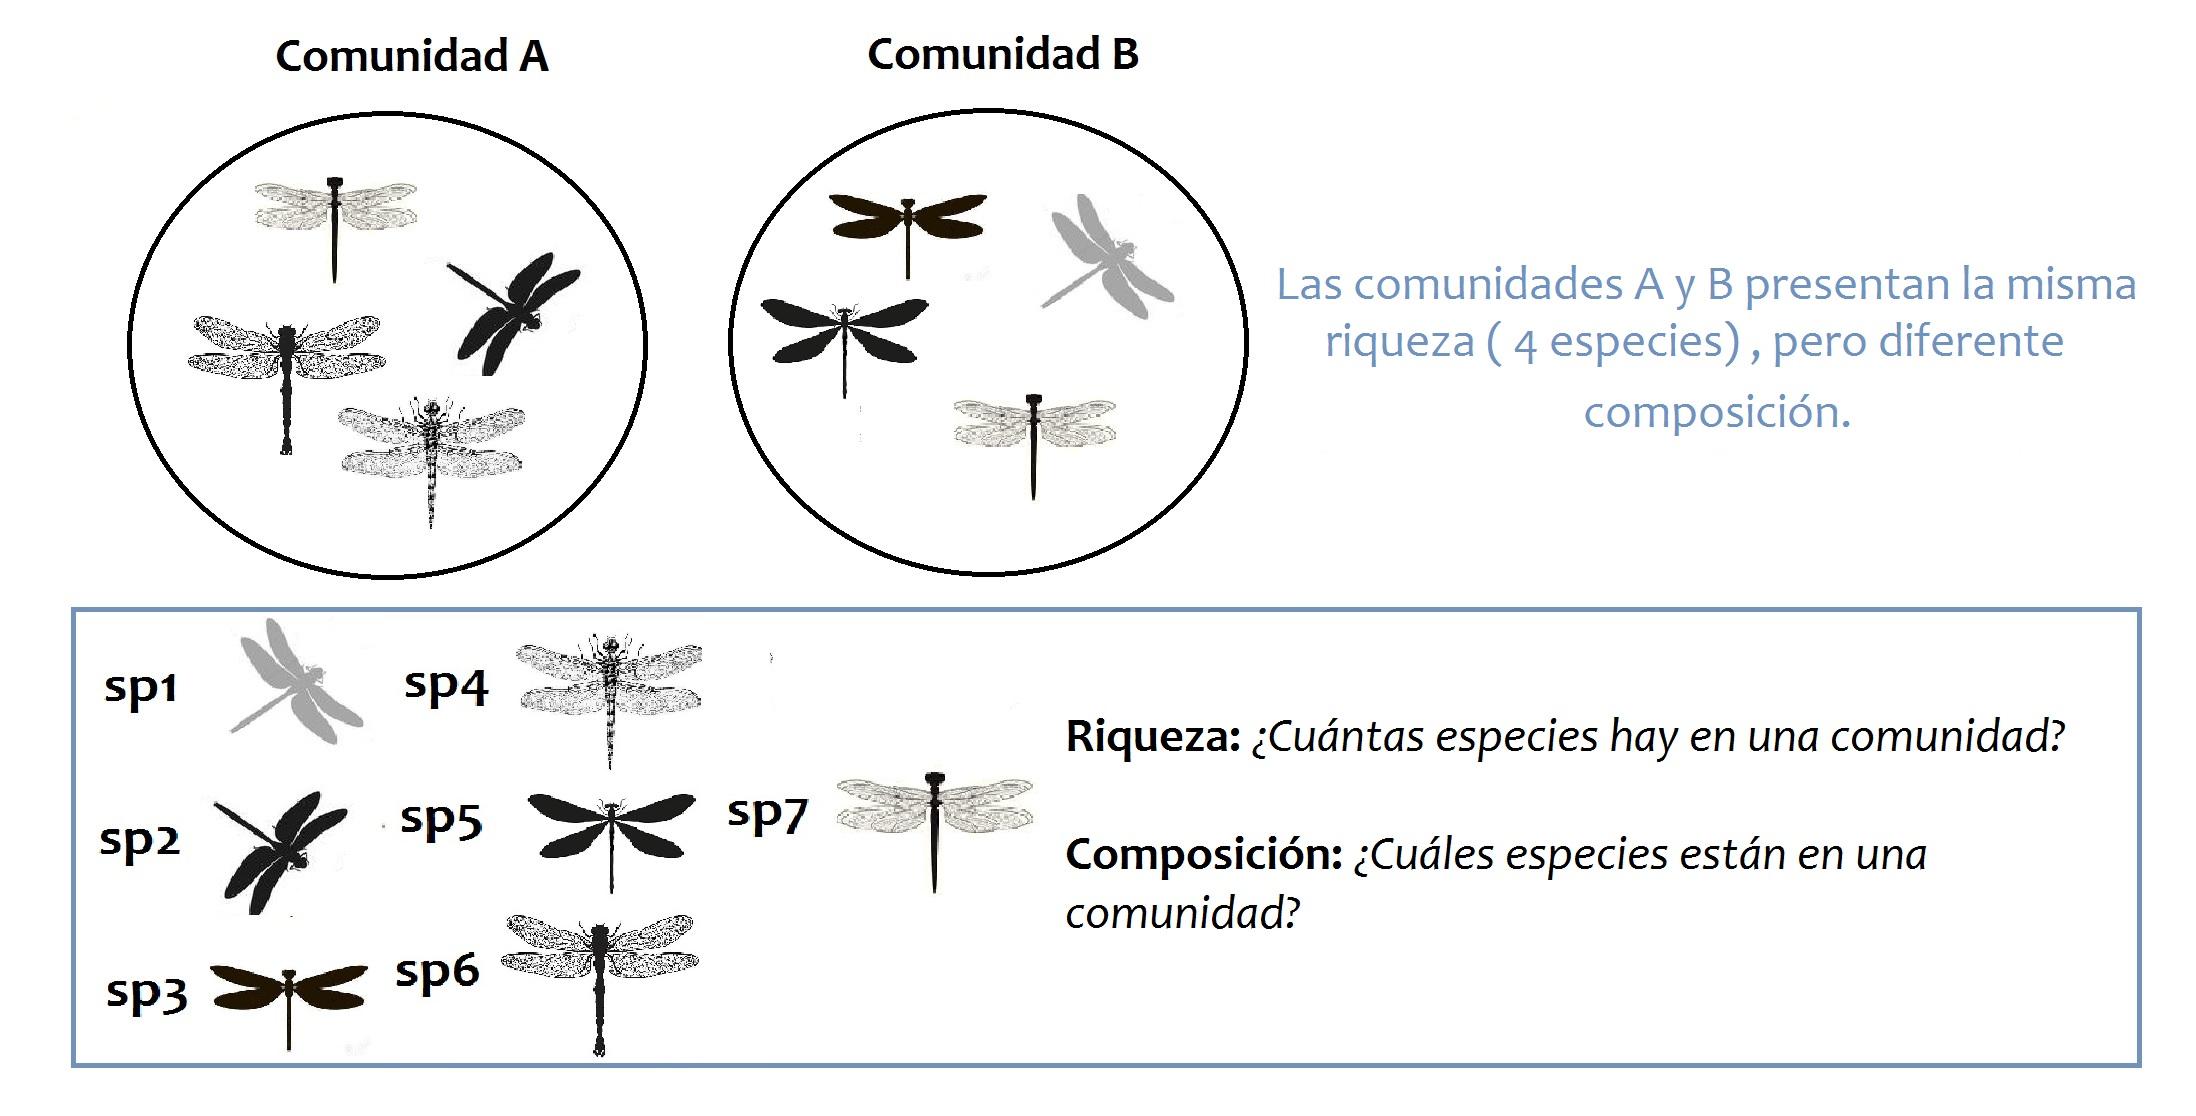 Figura 3. Riqueza y composición en comunidades biológicas